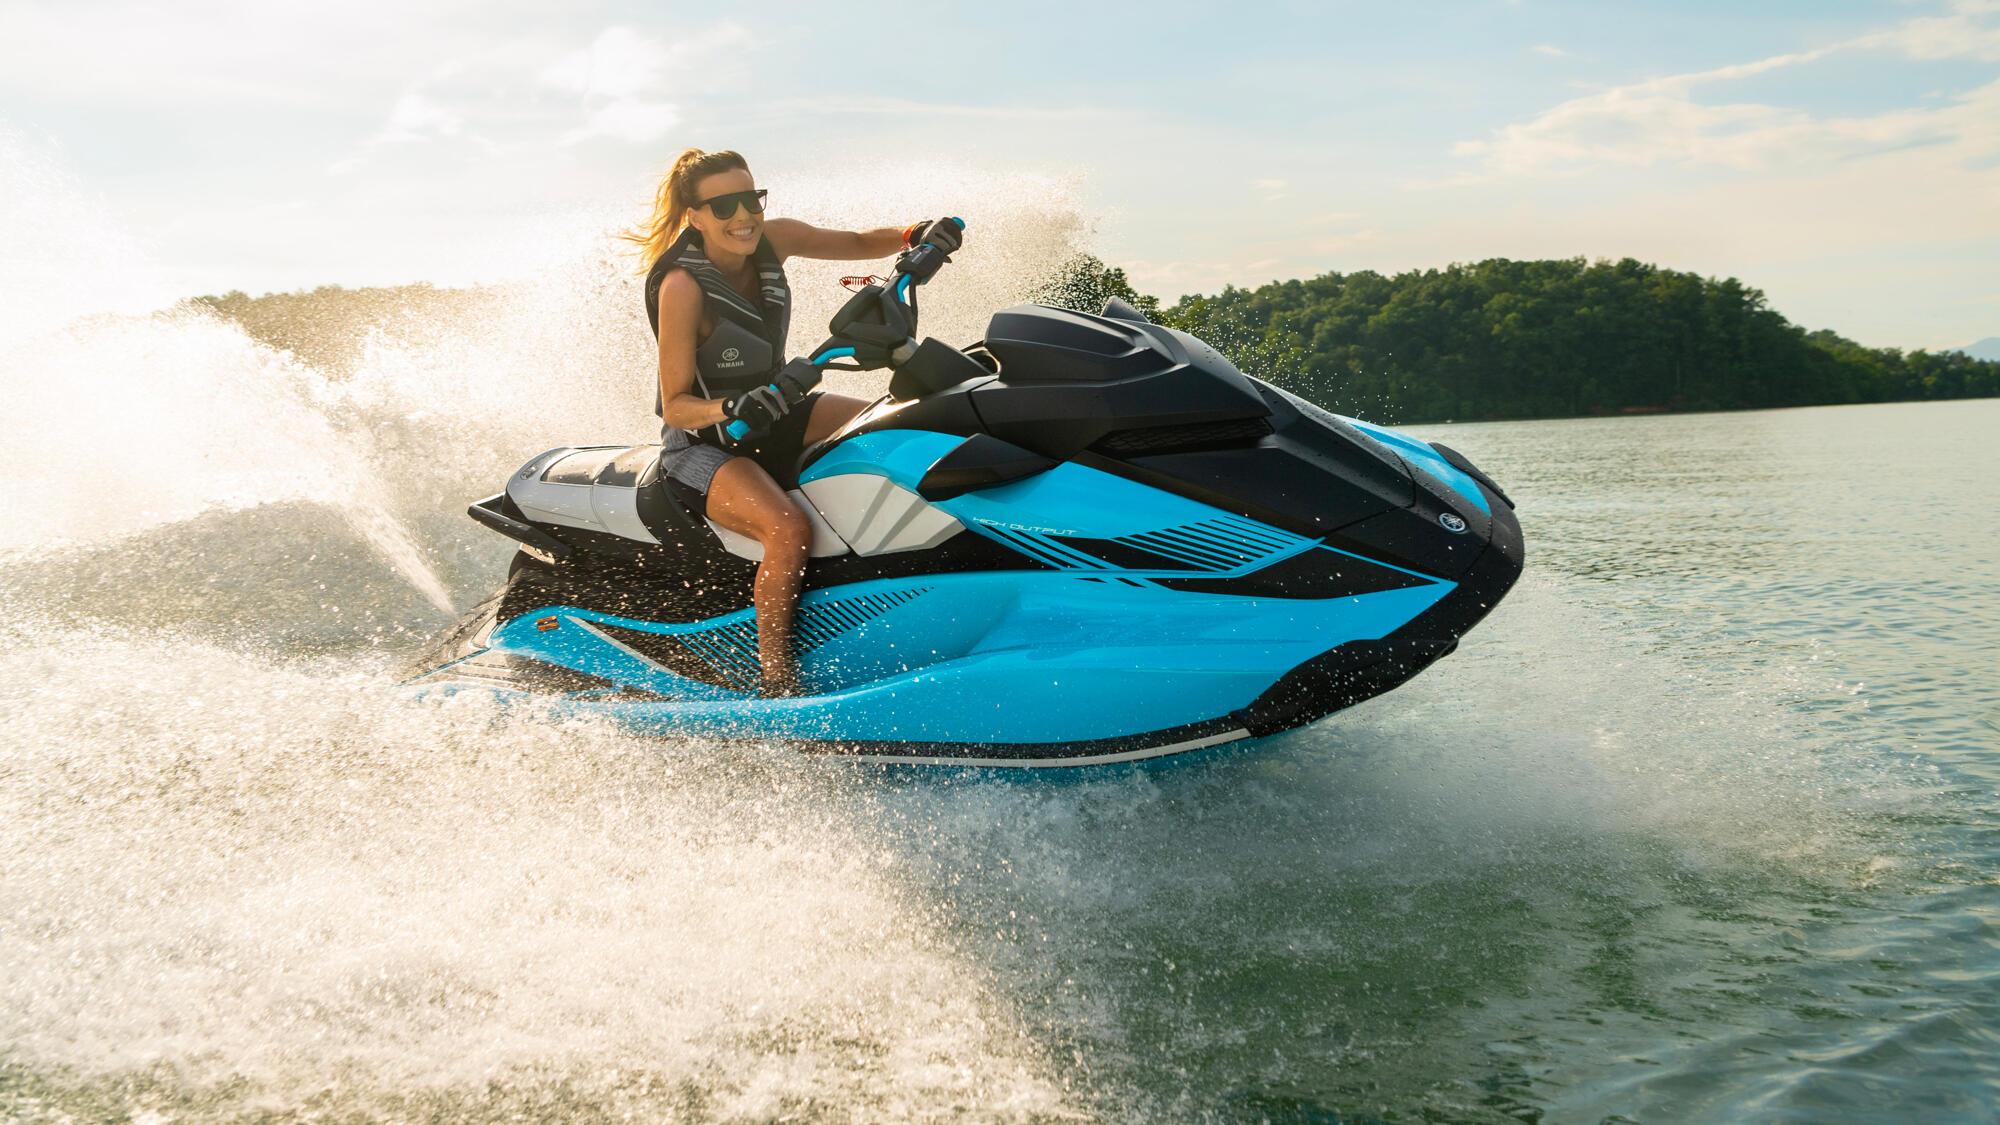 moto de agua yamaha gp 1800R Ho 2022 en Ibiza